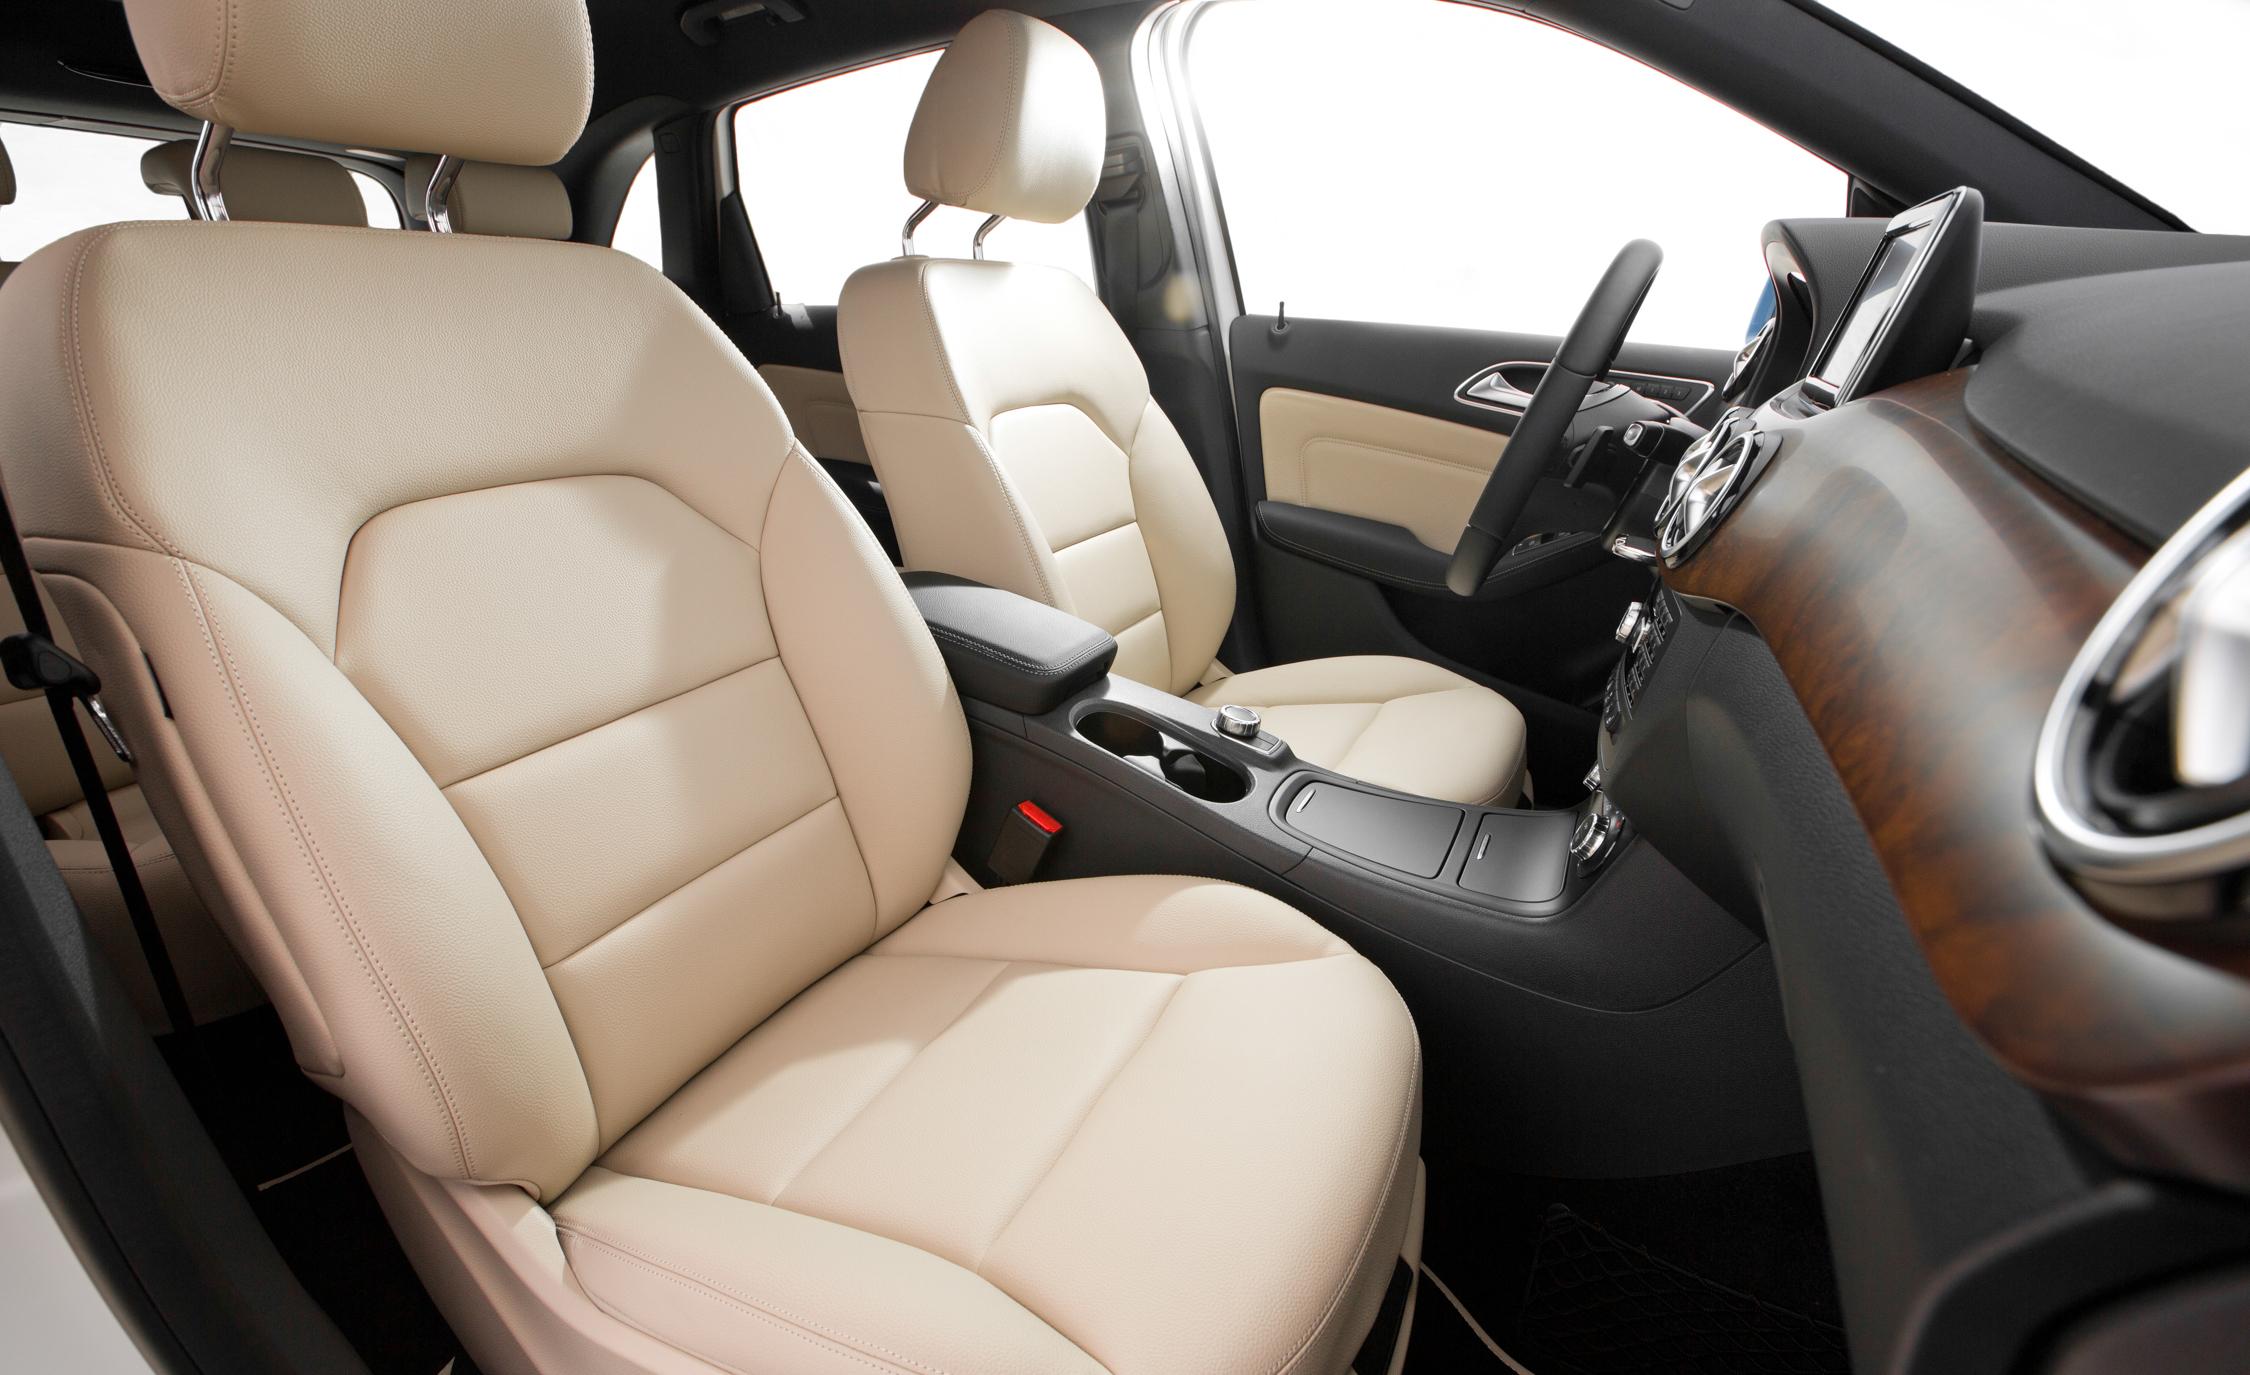 2014 Mercedes-Benz B-Class Interior Front Passenger Seat